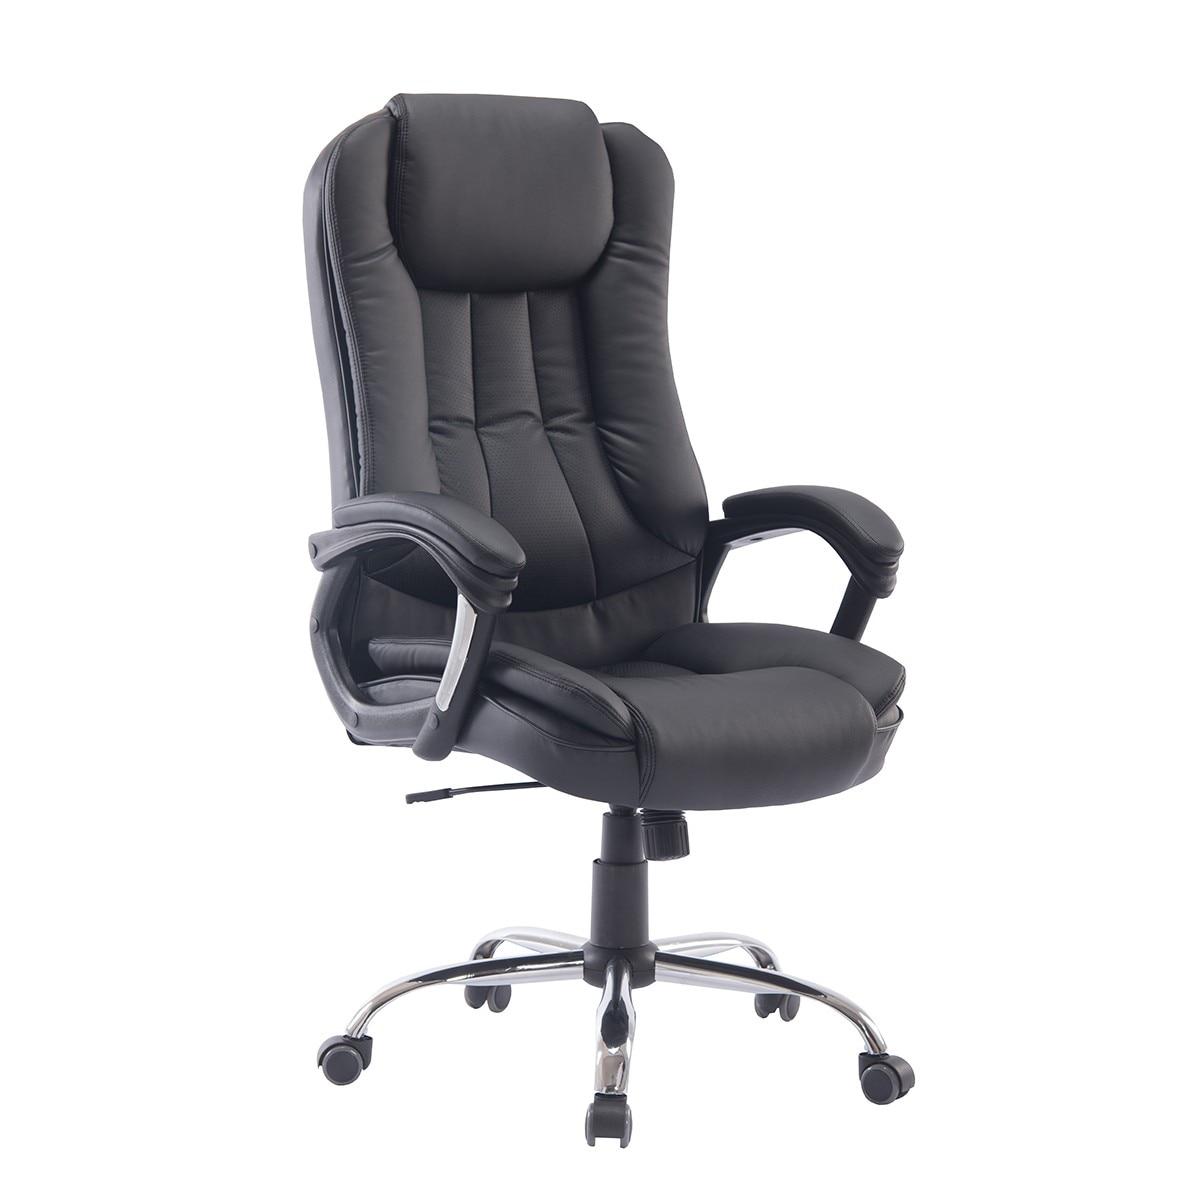 Office Armchair DRESDEN, High, Gas, Tilt, Similpiel Black